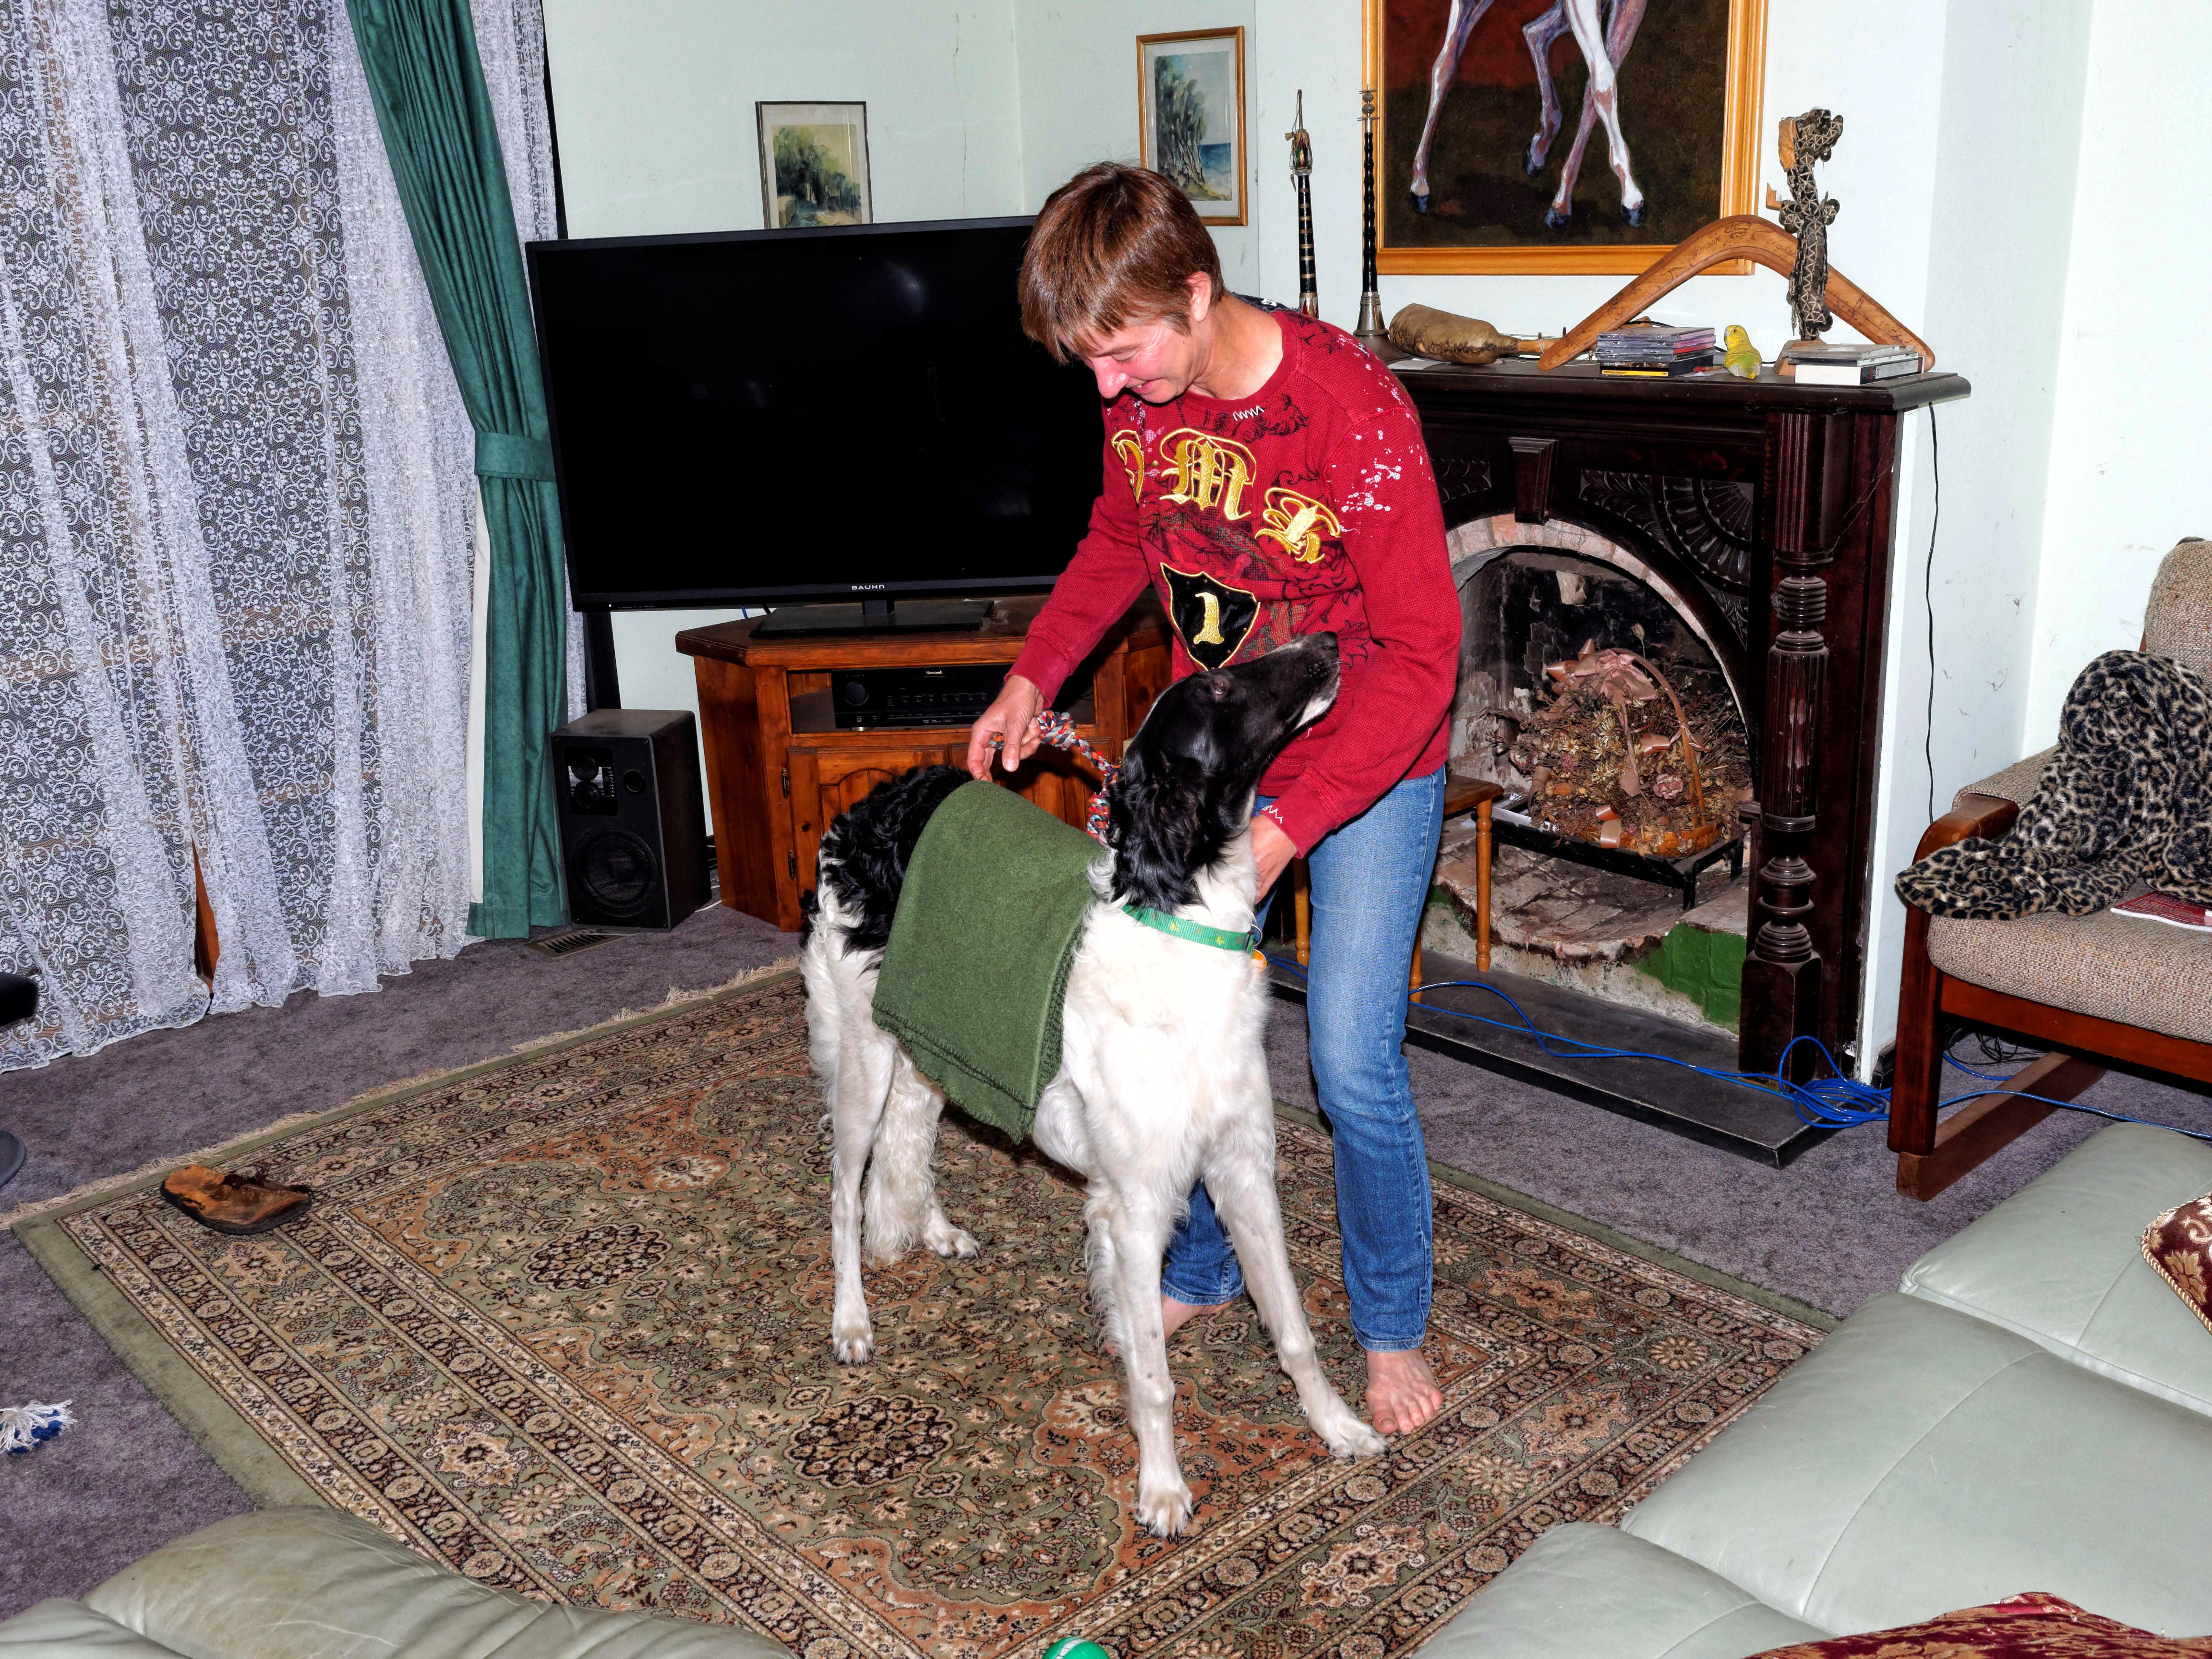 Chris-and-dogs-3.jpeg